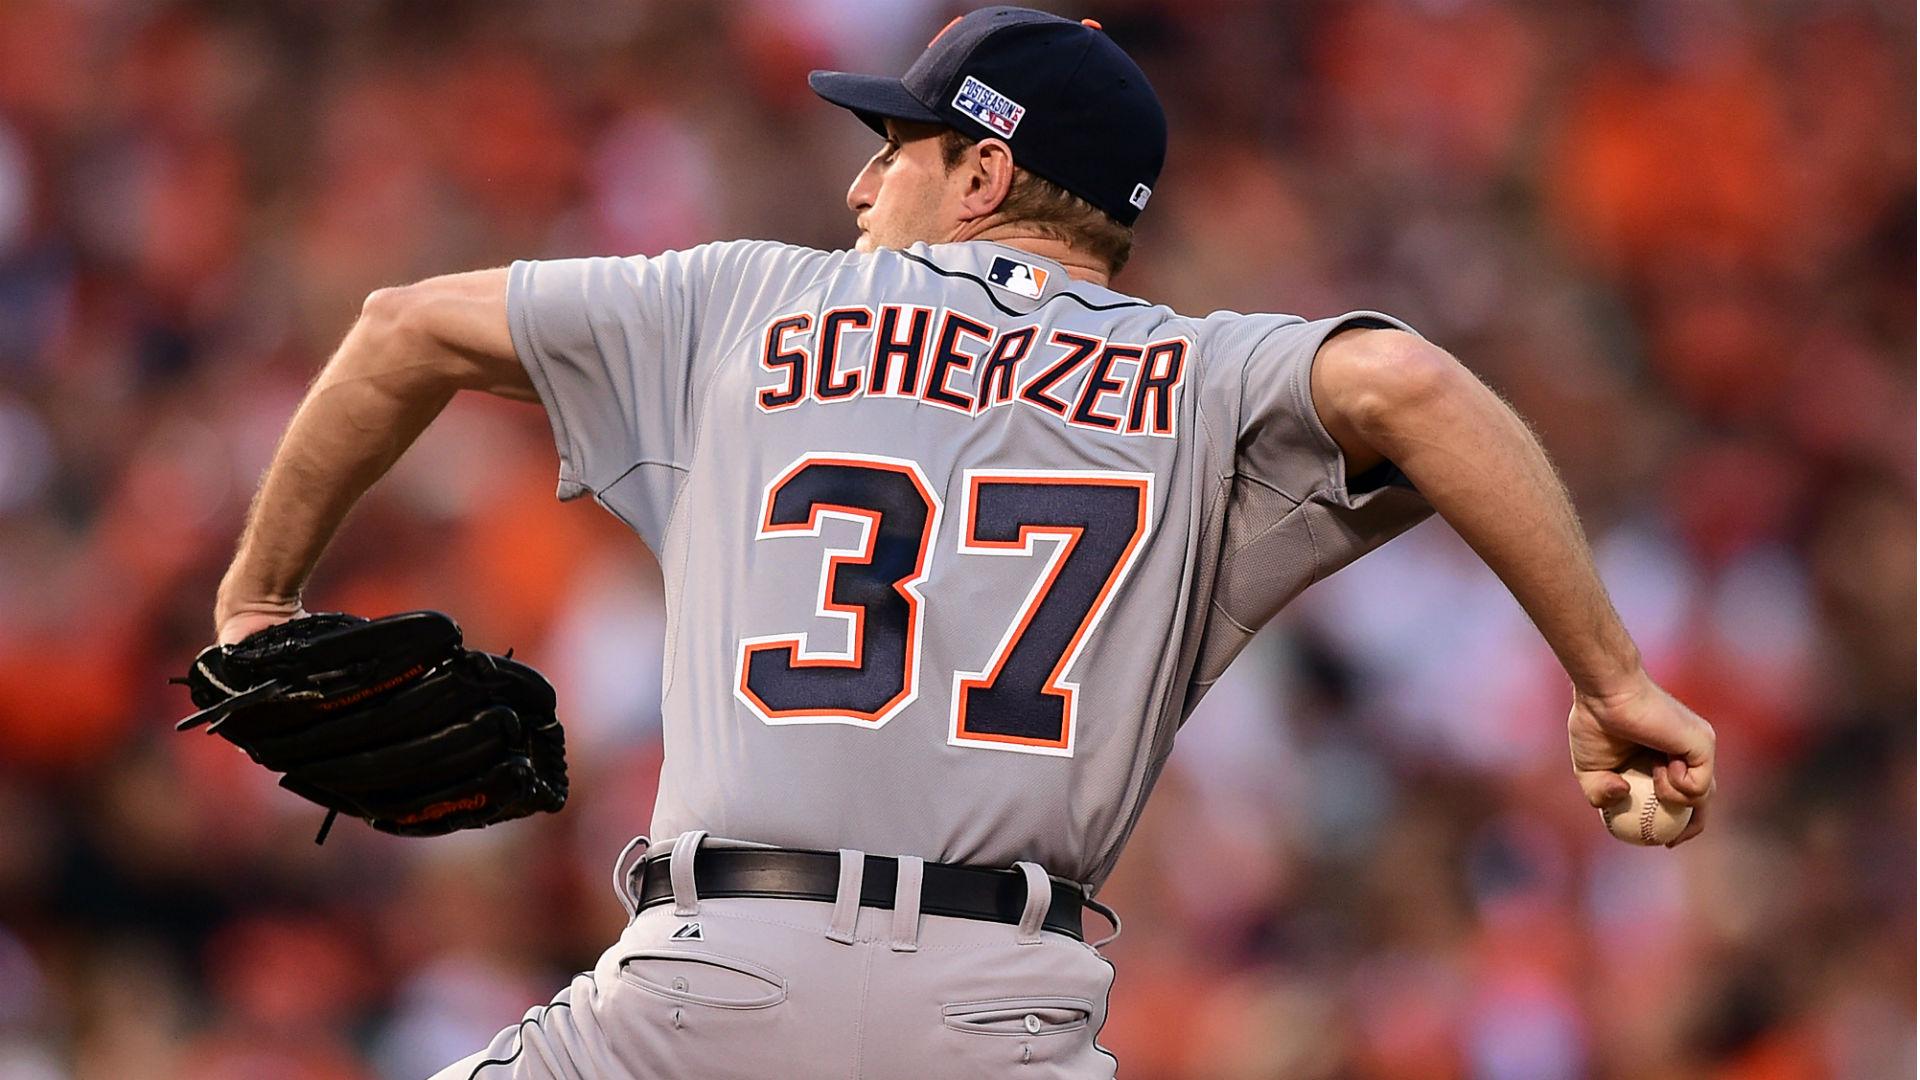 scherzer-max-012115-usnews-getty-ftr